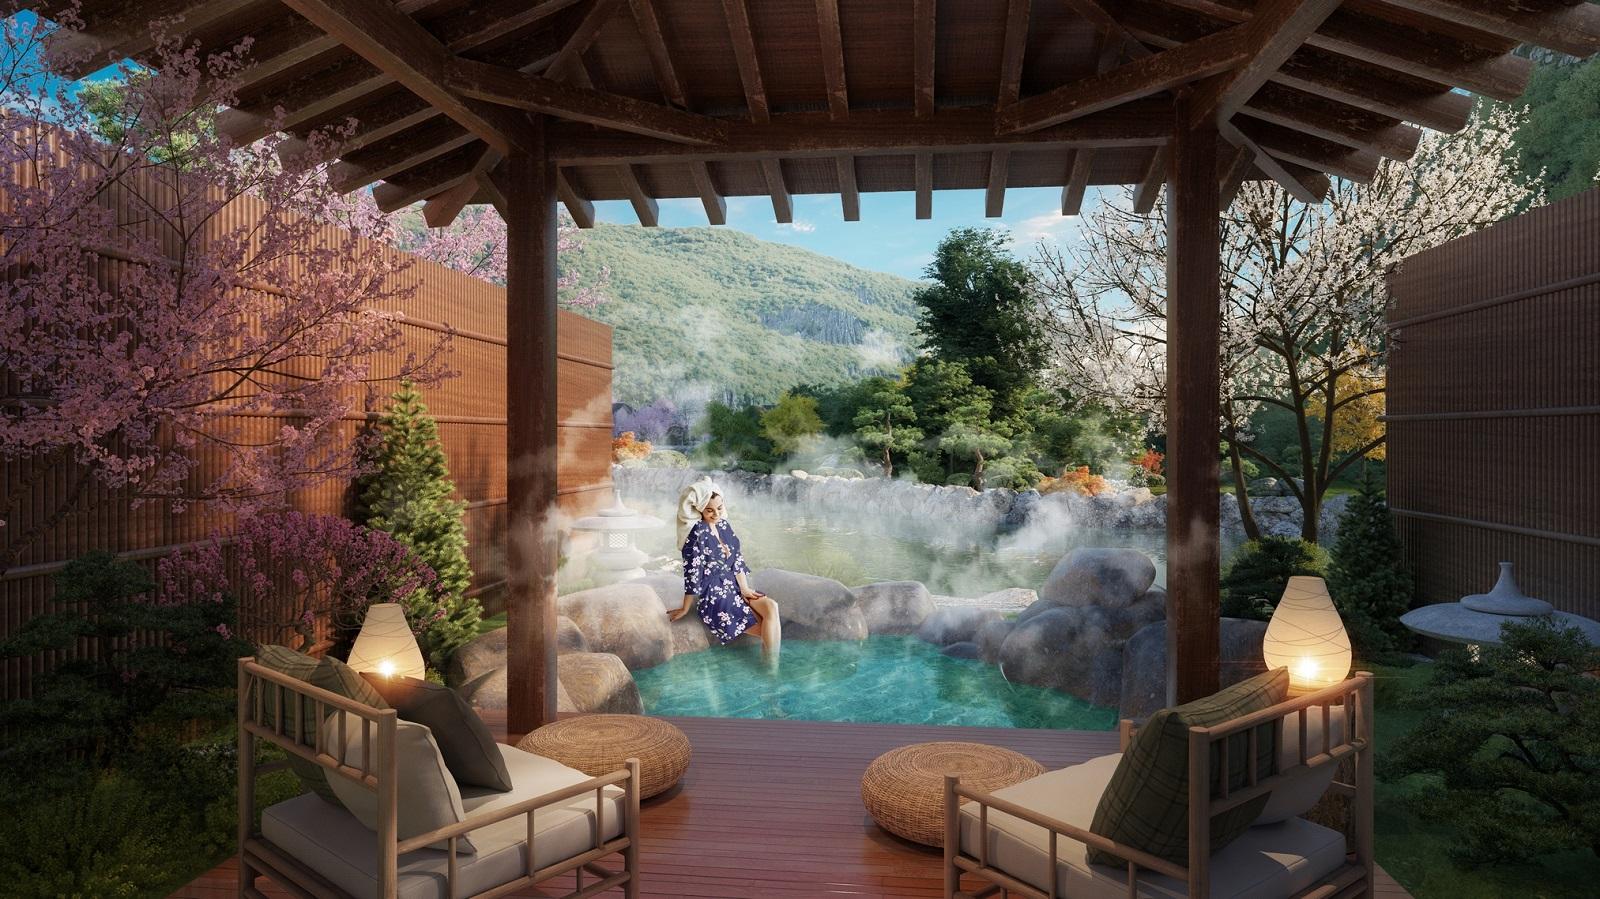 Biệt thự Yoko Villas mang đến trải nghiệm tắm khoáng nóng riêng tư cho giới thượng lưu